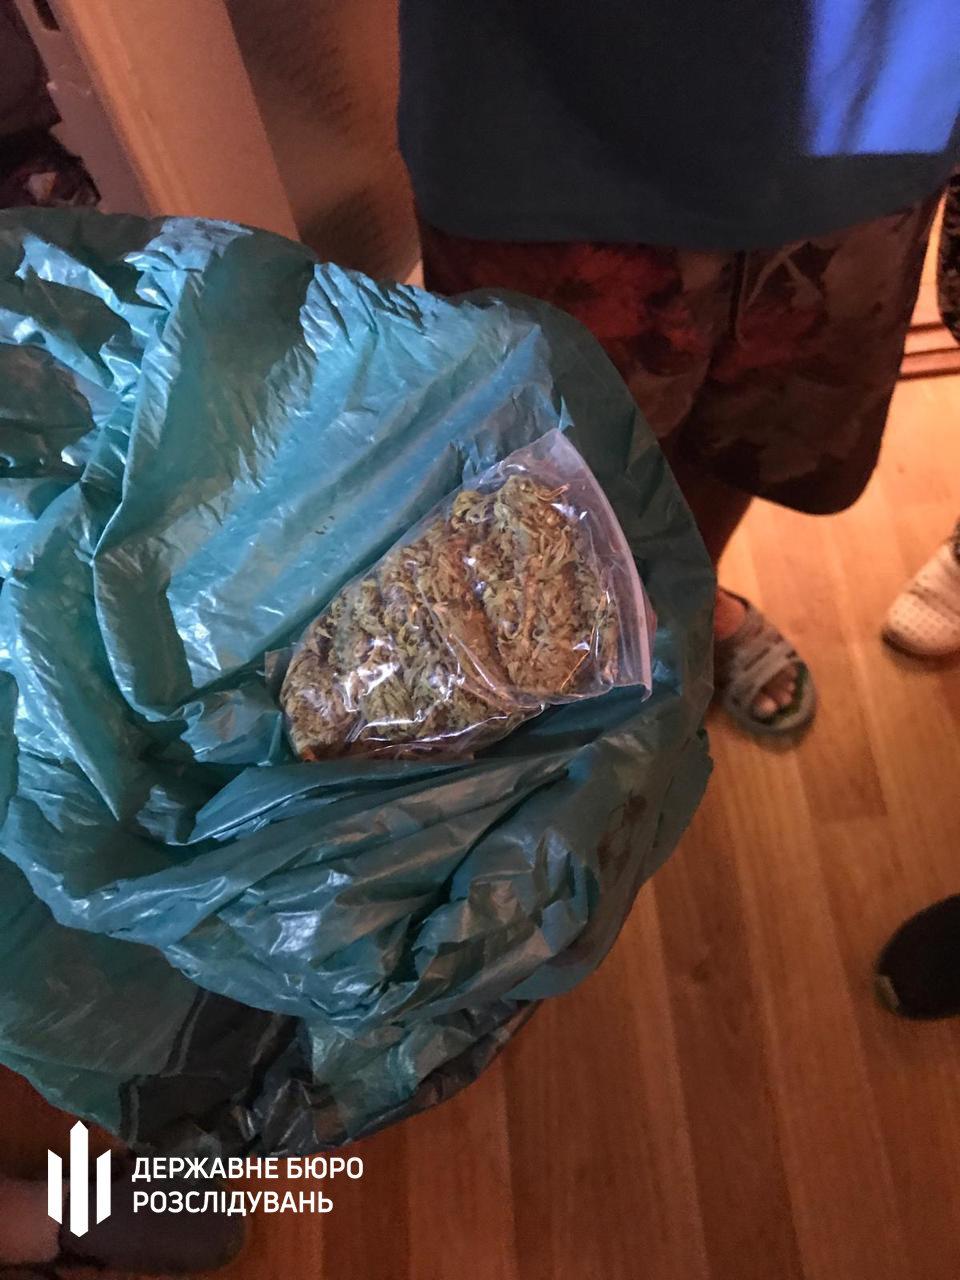 Посадовець Нацполіції продавав наркотики та фальсифікований алкоголь - хмельницькі правоохоронці (ФОТО), фото-8